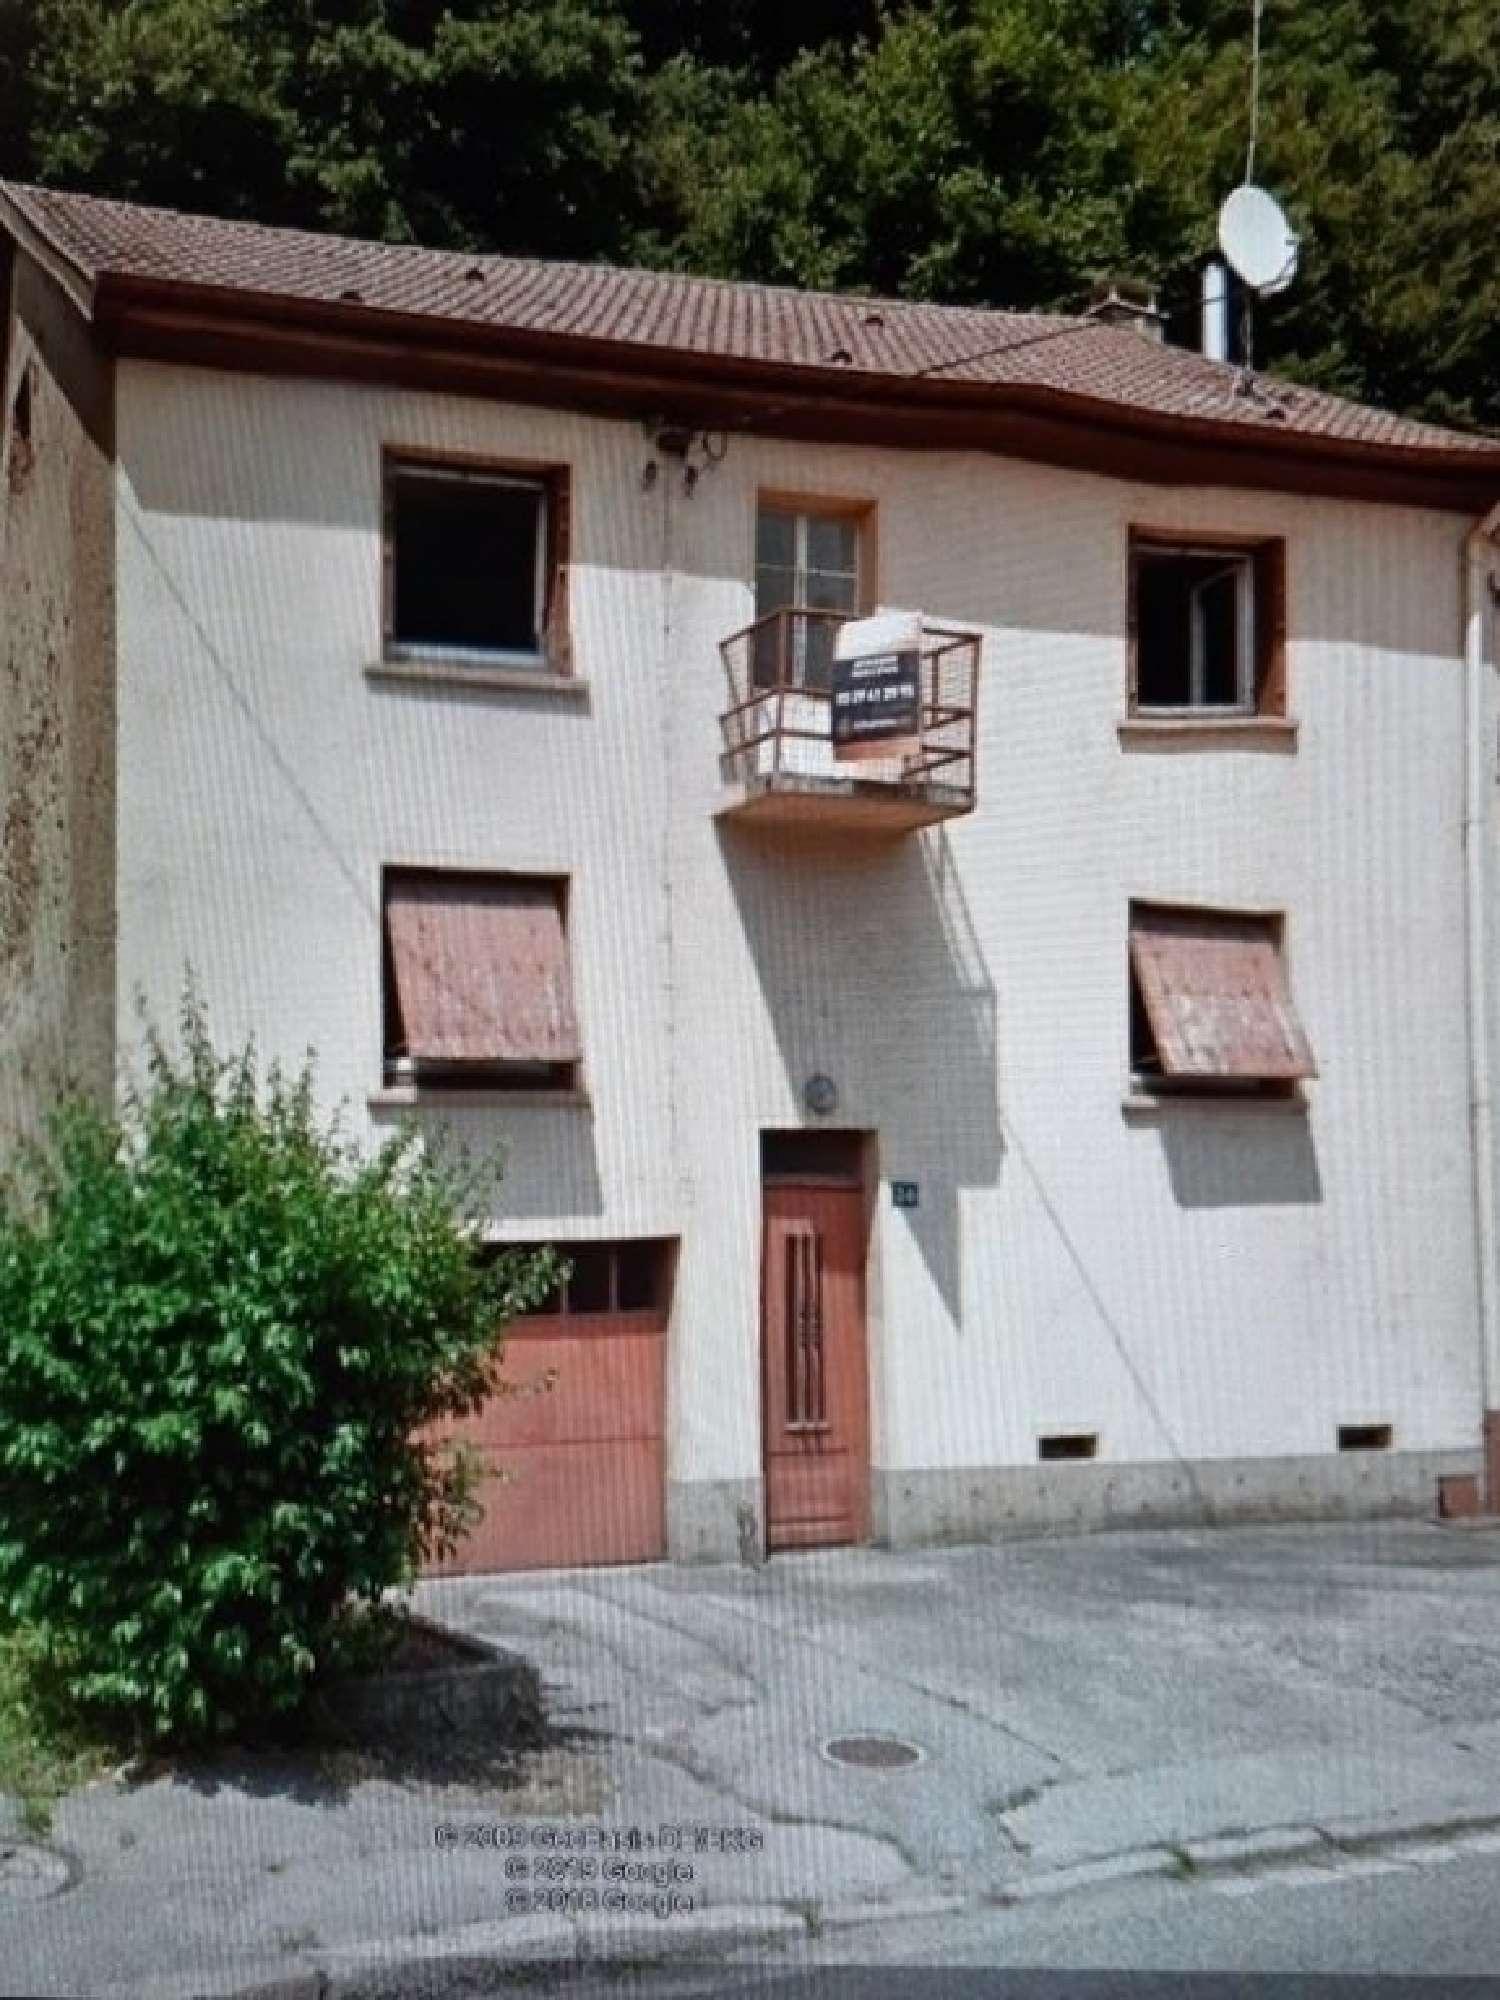 La Petite-Raon Vosges Haus Bild 4472576